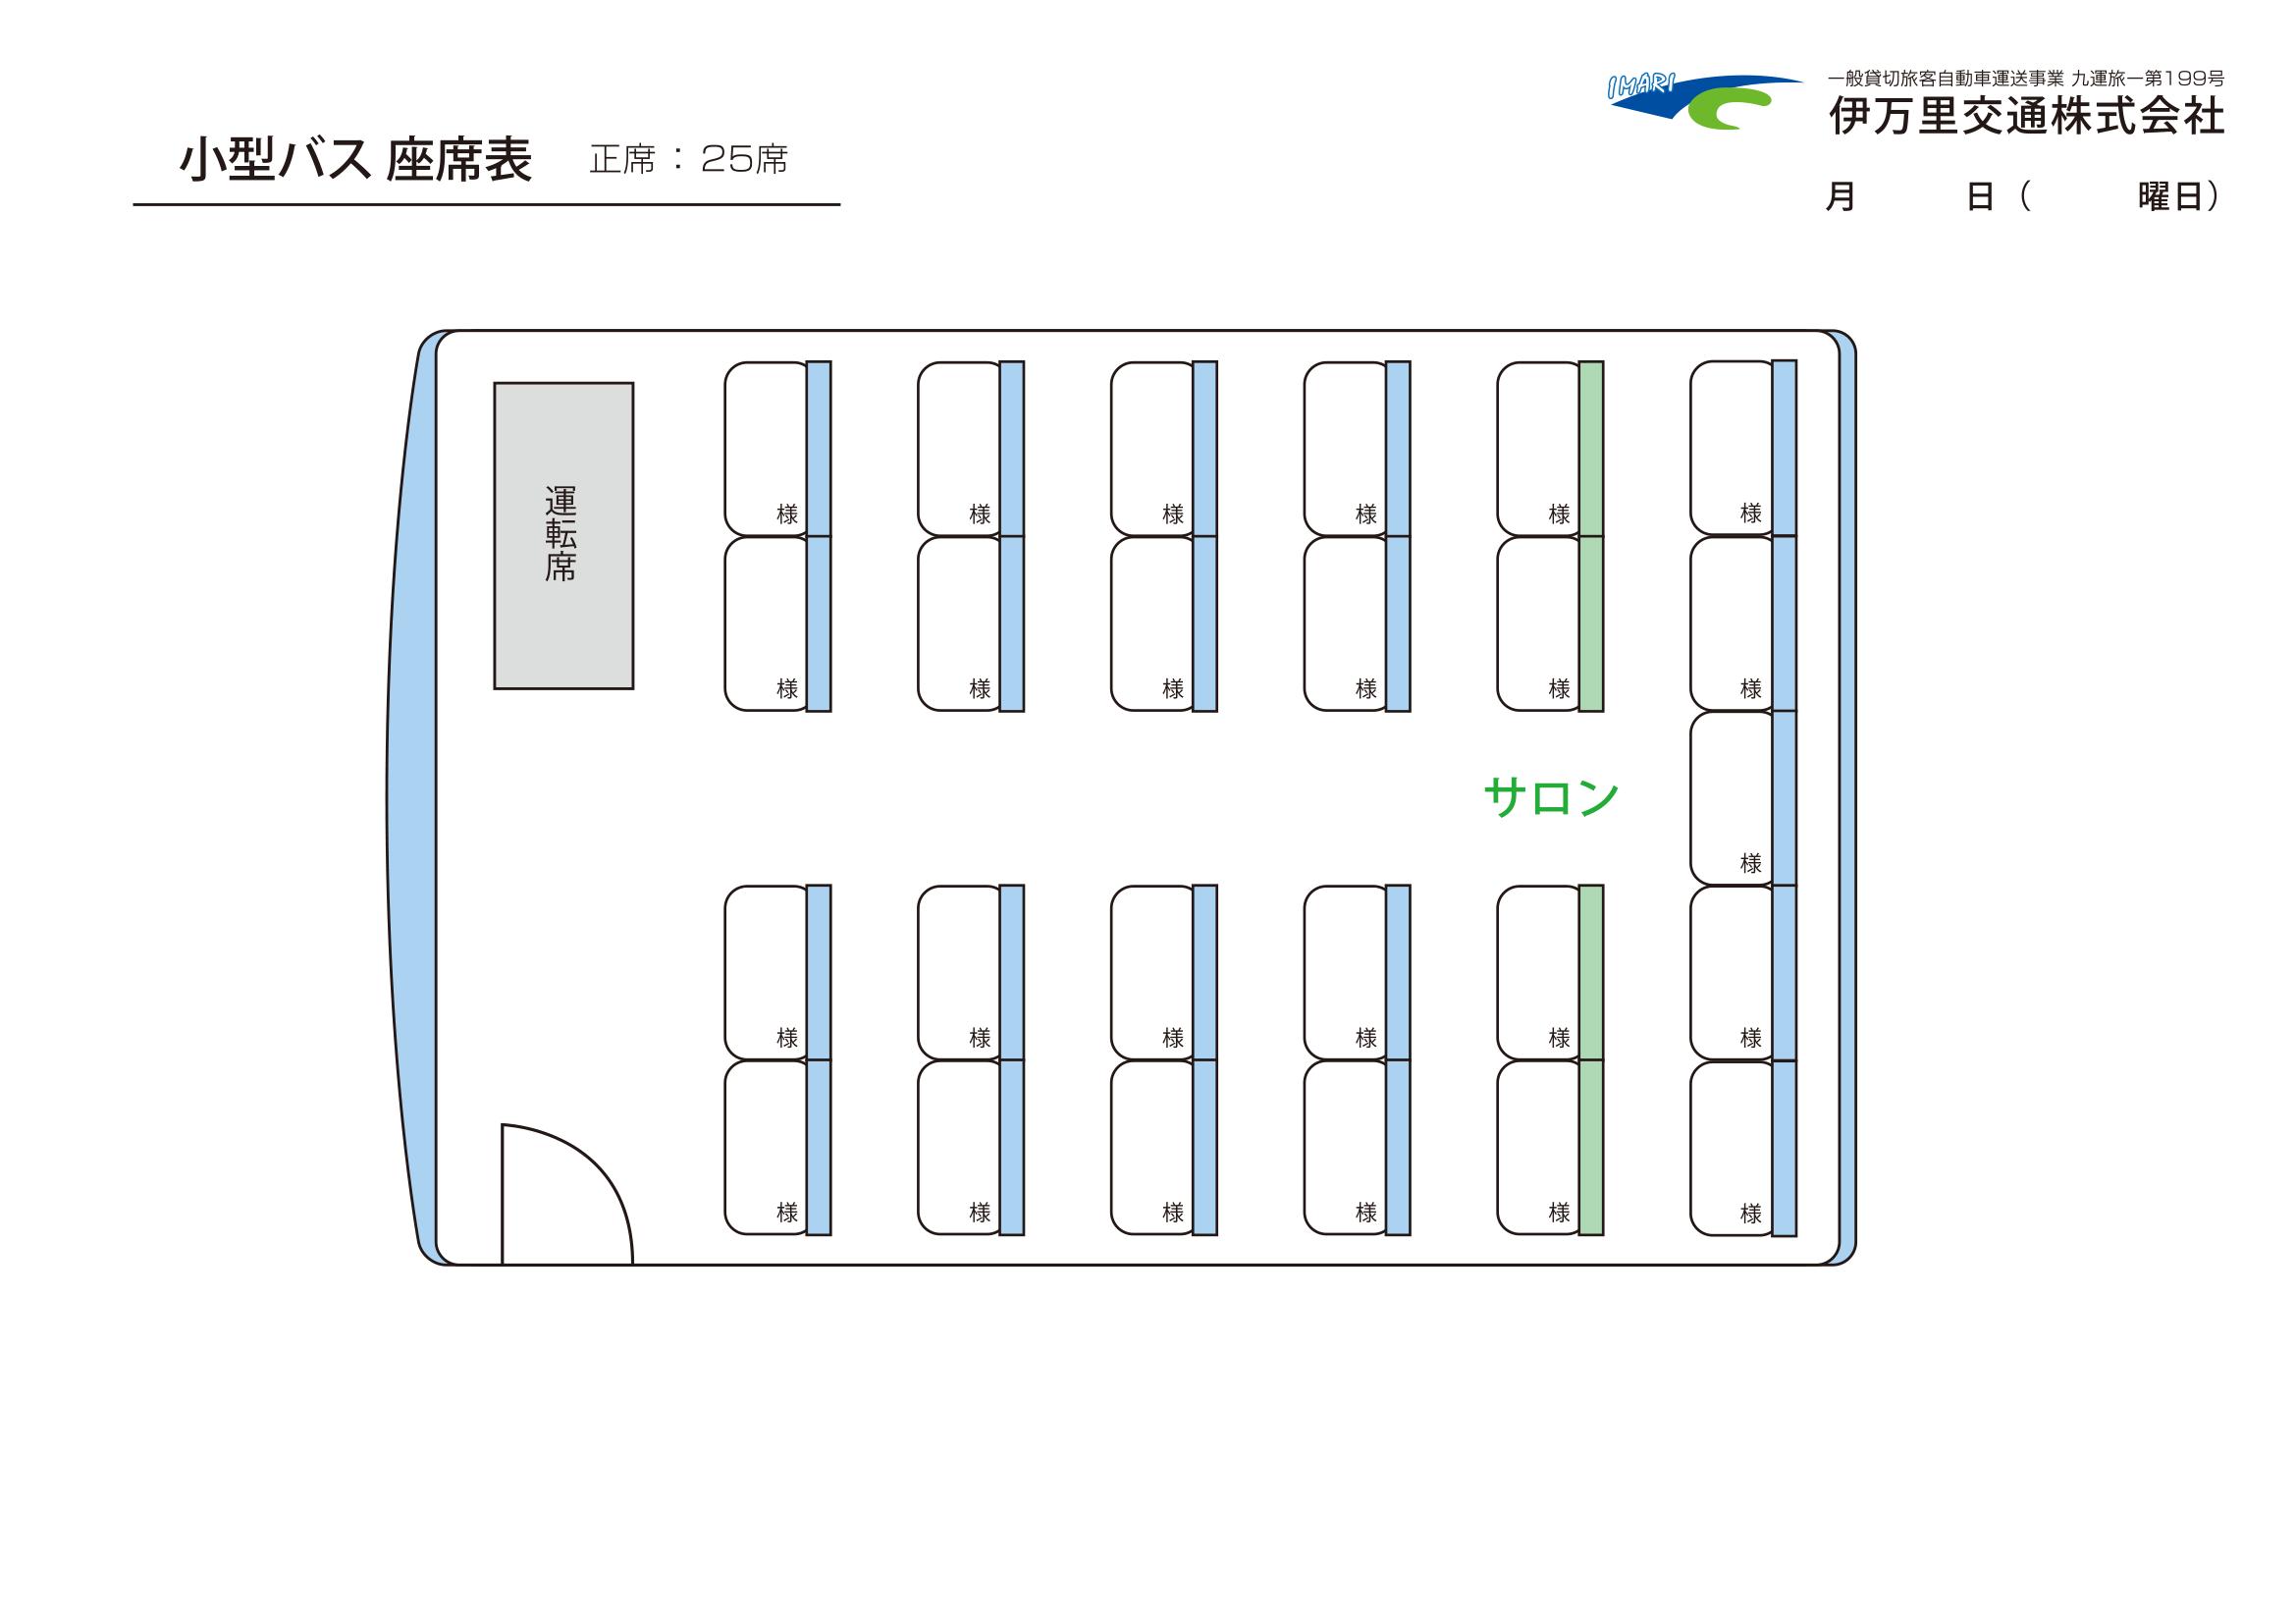 小型バス座席表